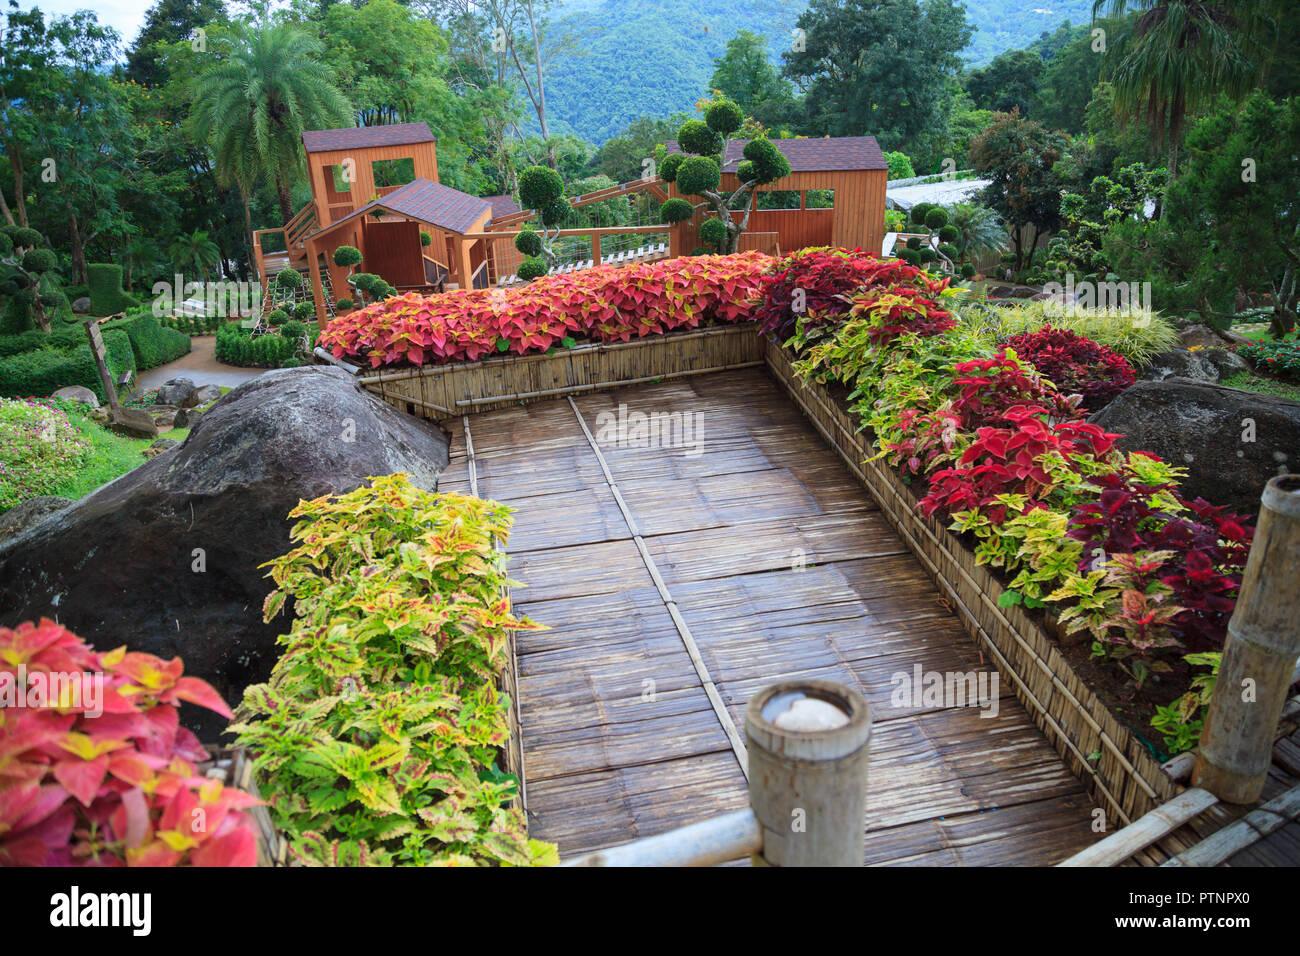 Tropical Rural House Home Garden Bamboo Wooden Balcony Terrace